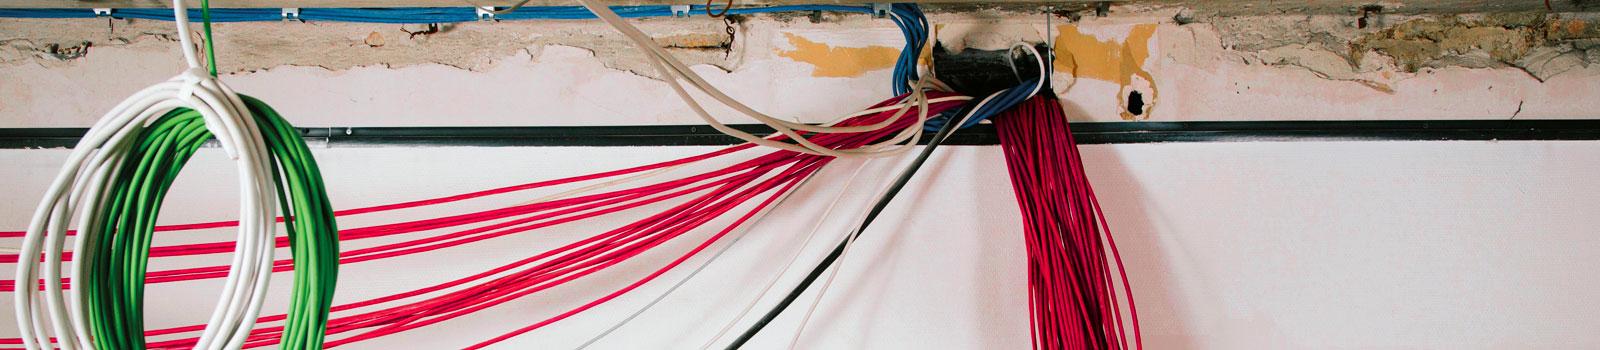 MK-Elektrotechnik - Elektroanlagen